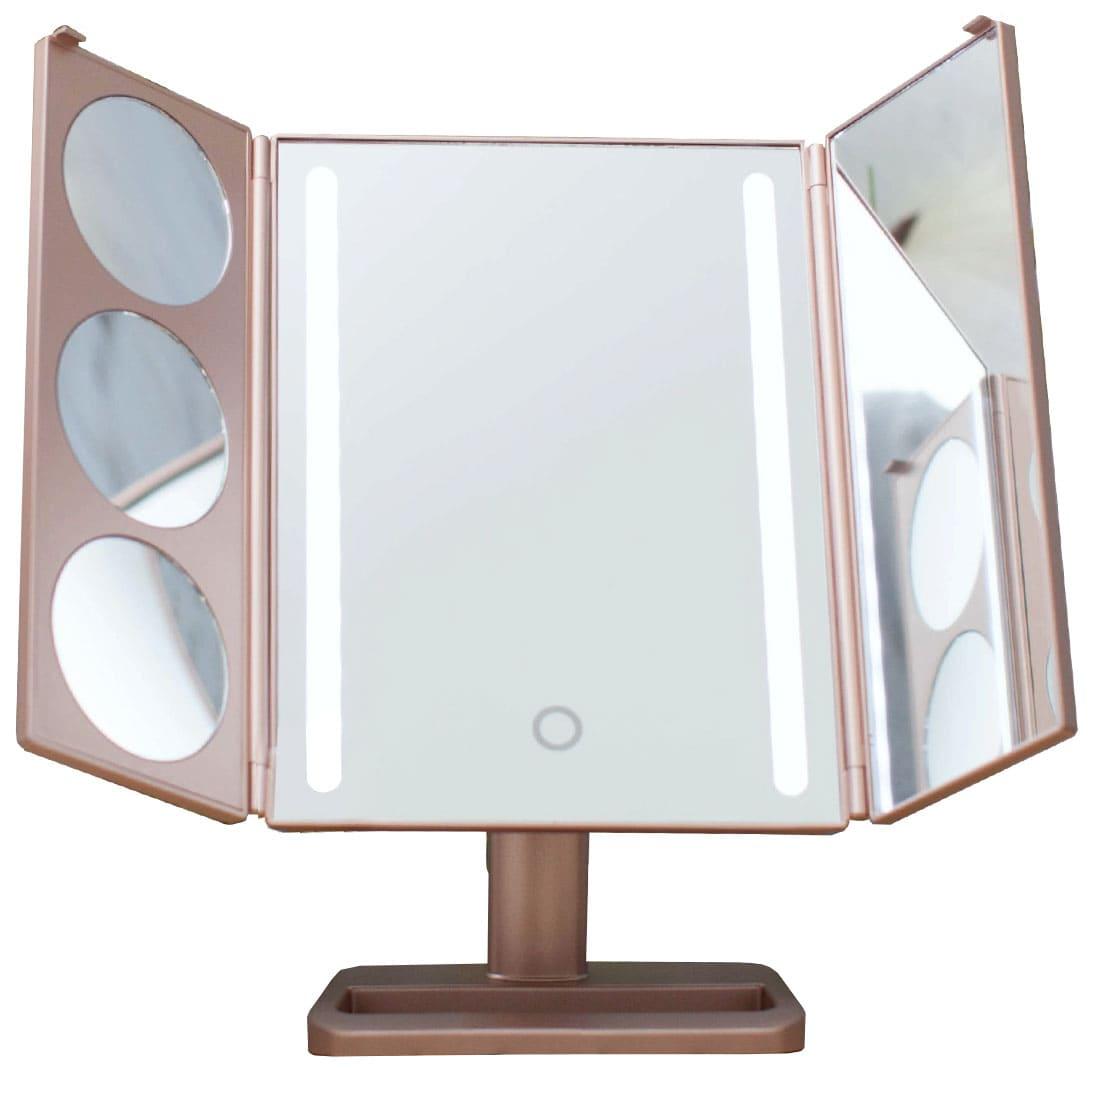 Gess uLike Gold - настольное складное зеркало для макияжа с подсветкой из 2 светодиодных полосок.